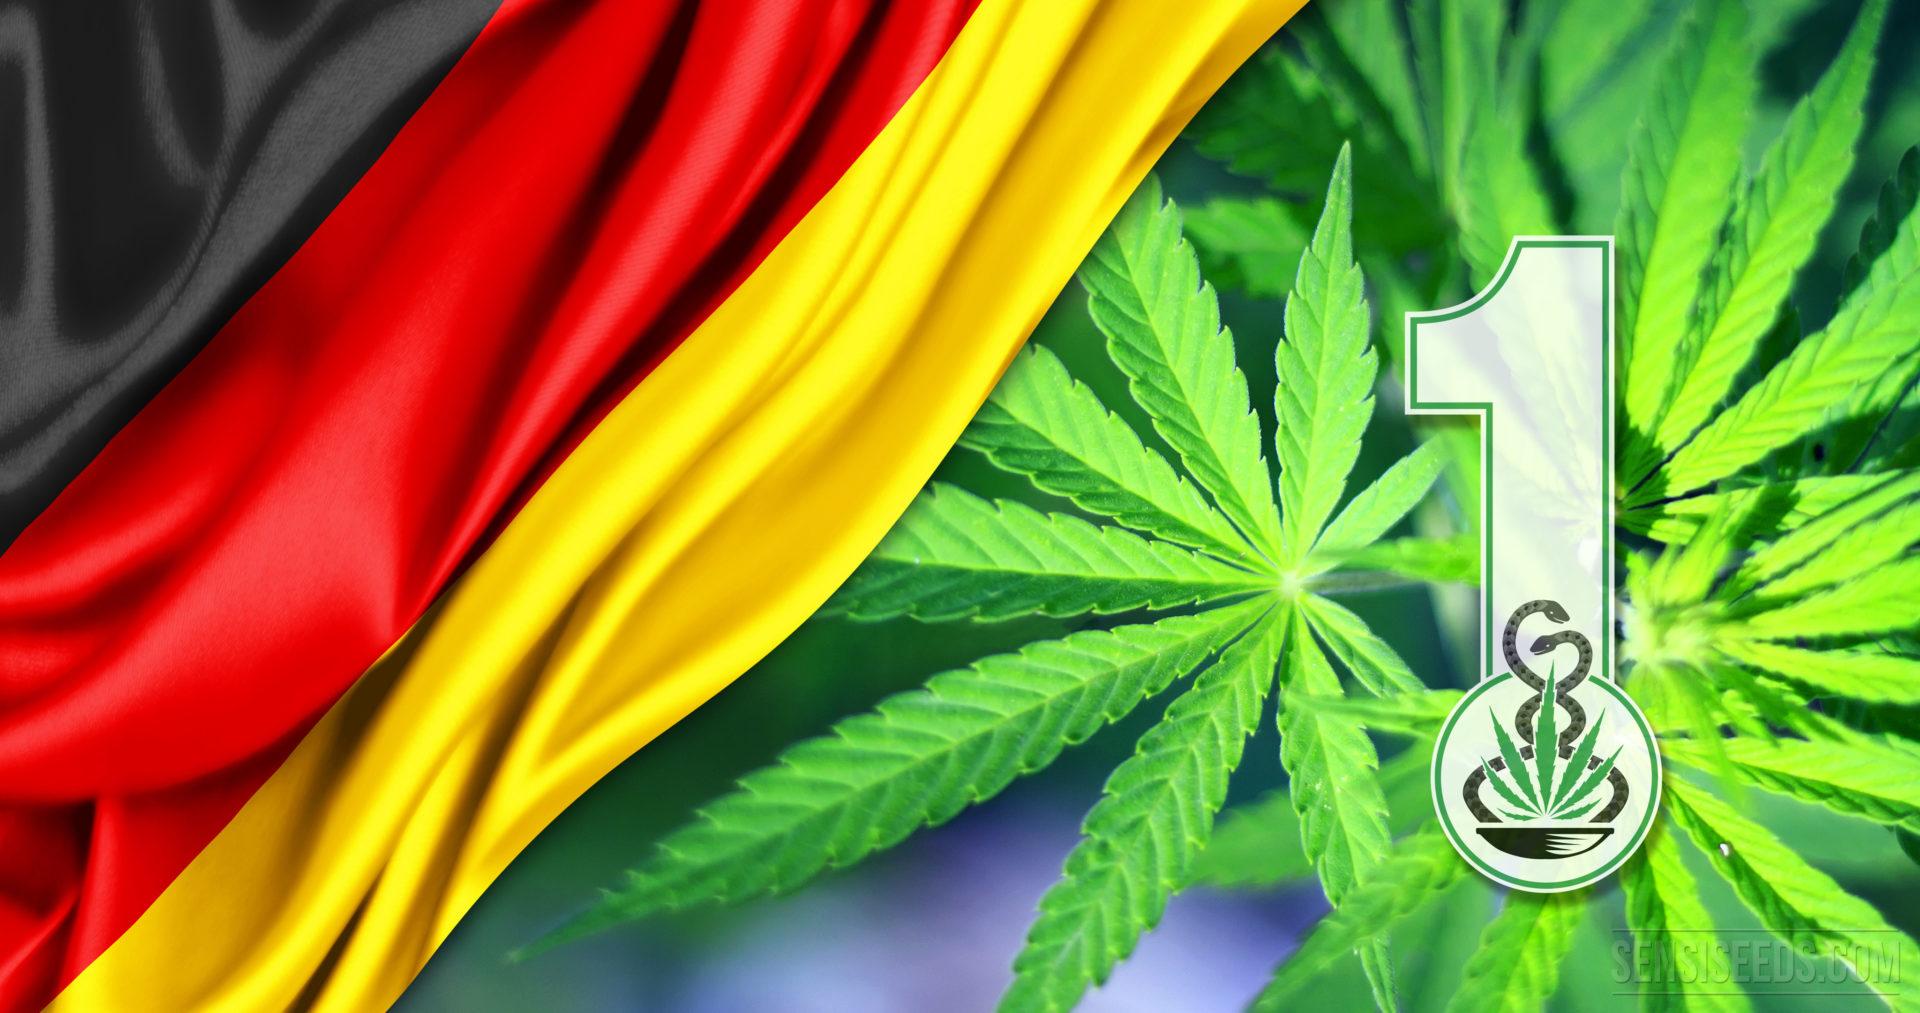 Sollte Marihuana eine medizinische Option sein